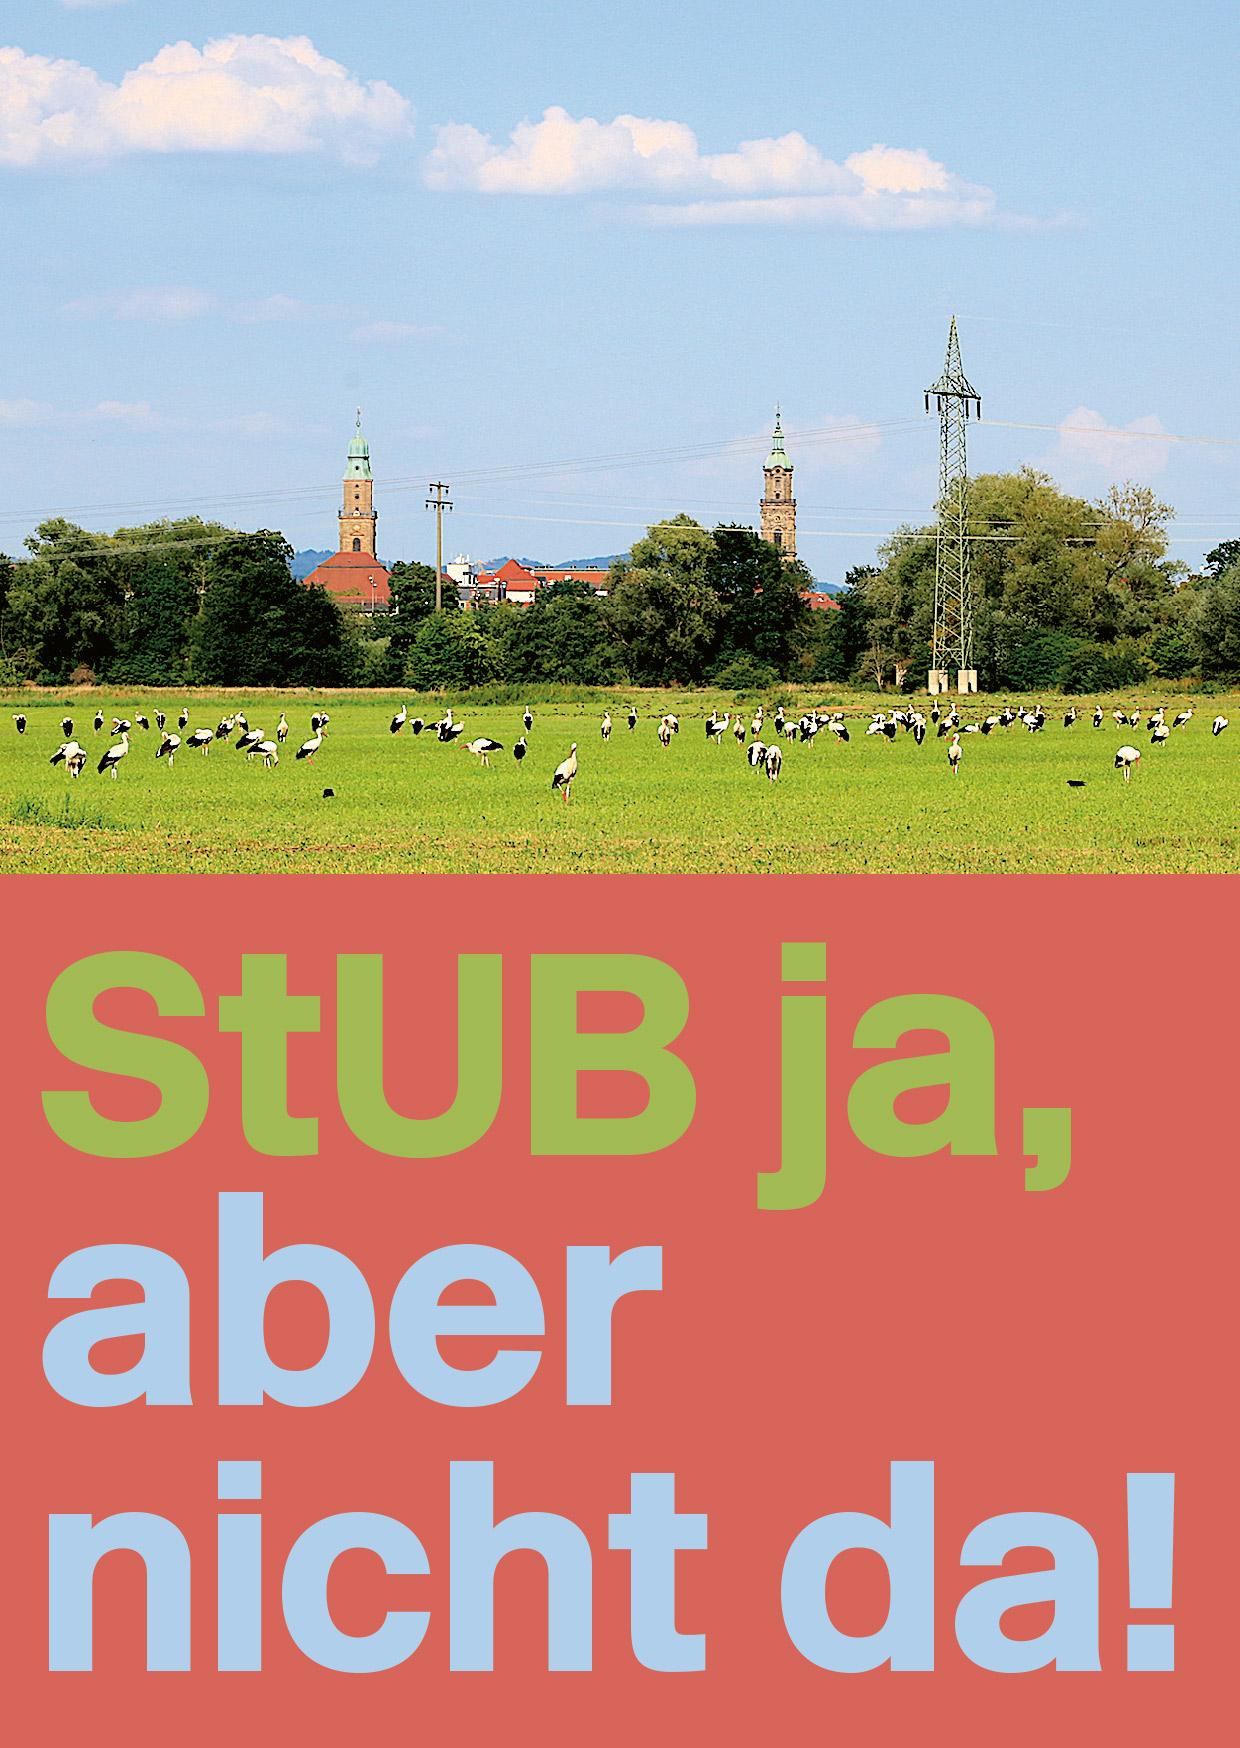 Postkarten_StUB_ja,aber-nicht-da-1.jpg